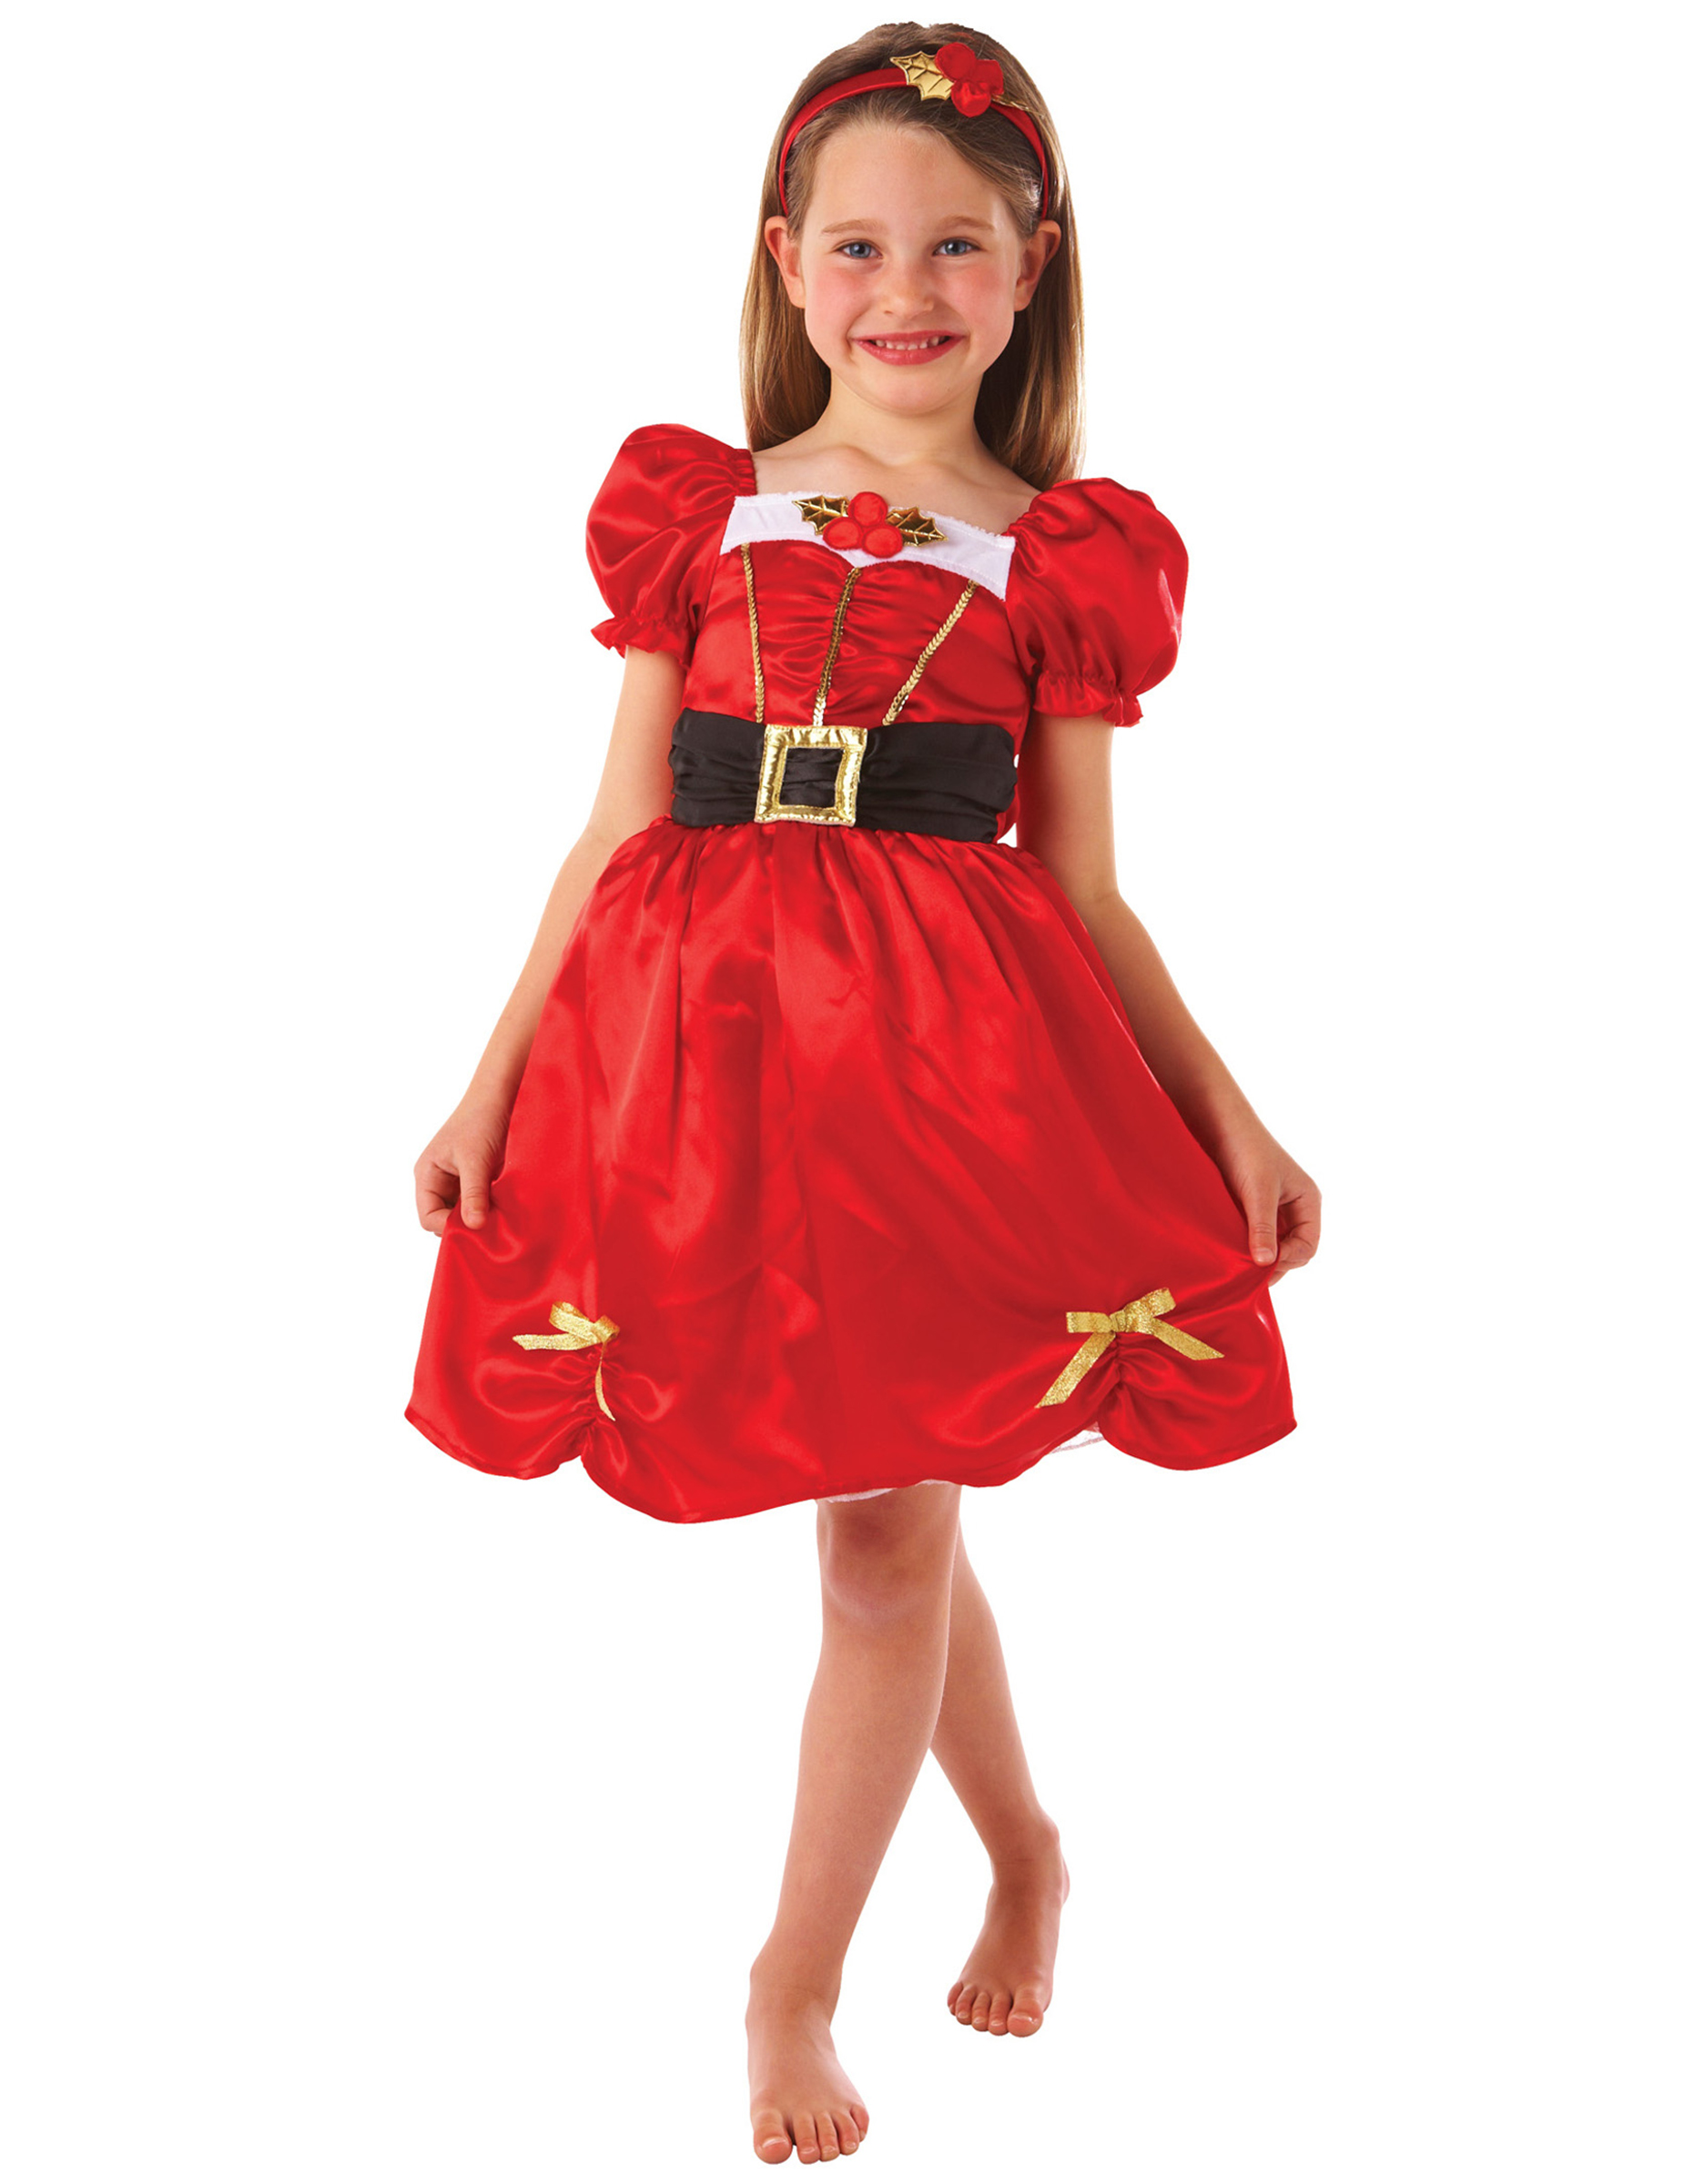 Vestito Natale Natale Vestito Bambina Vestito Bambina Bambina Natale Vestito WE2IDbe9HY